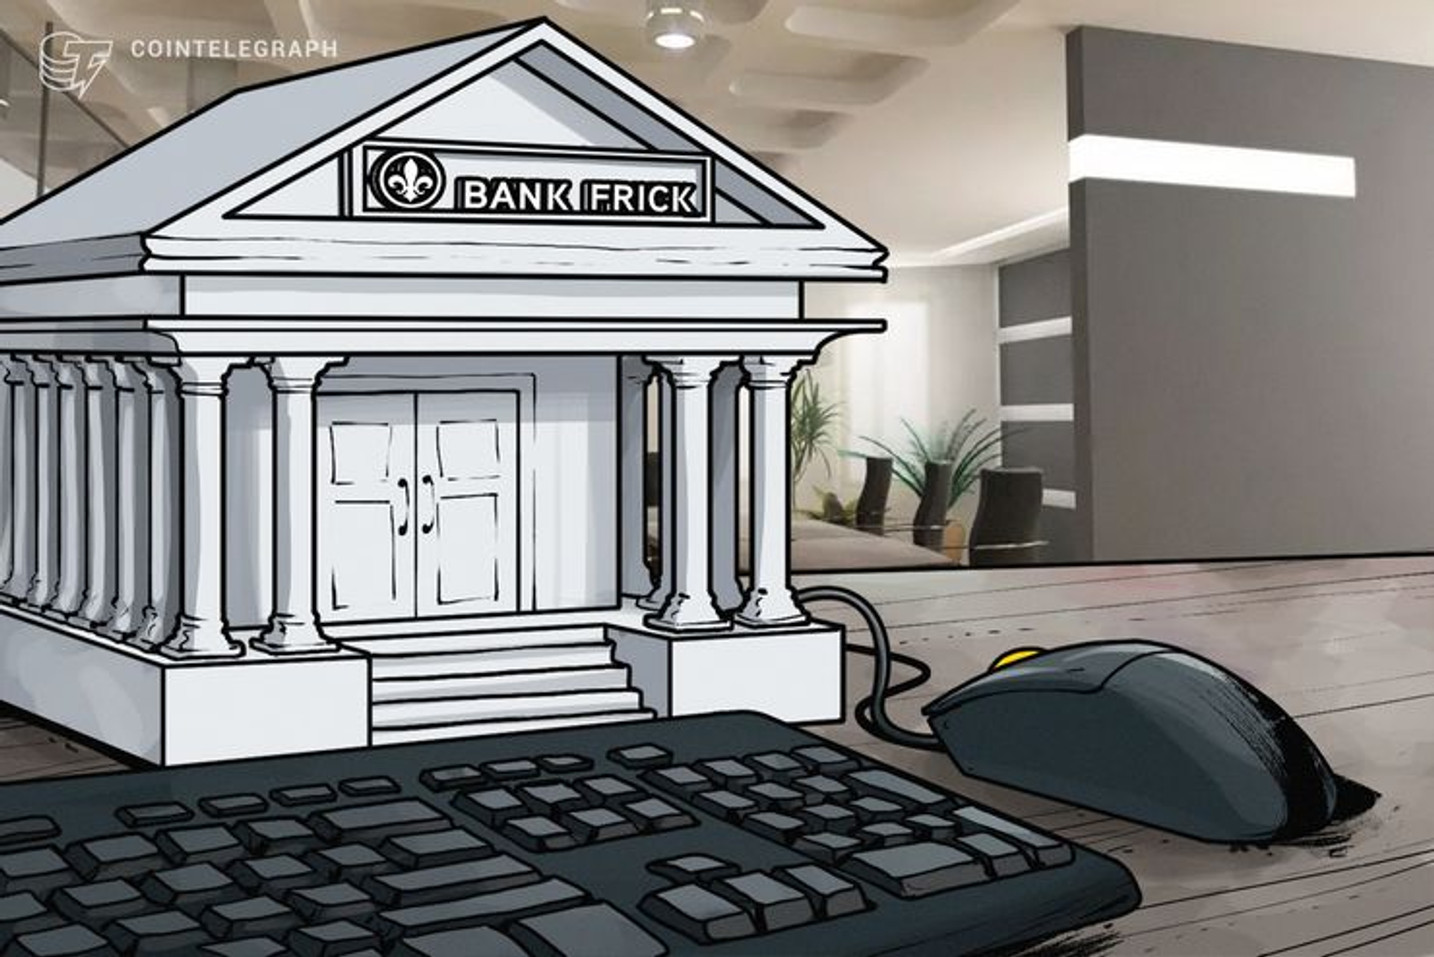 Bank Frick 2018 trotz Krypto-Baisse mit höheren Erträgen